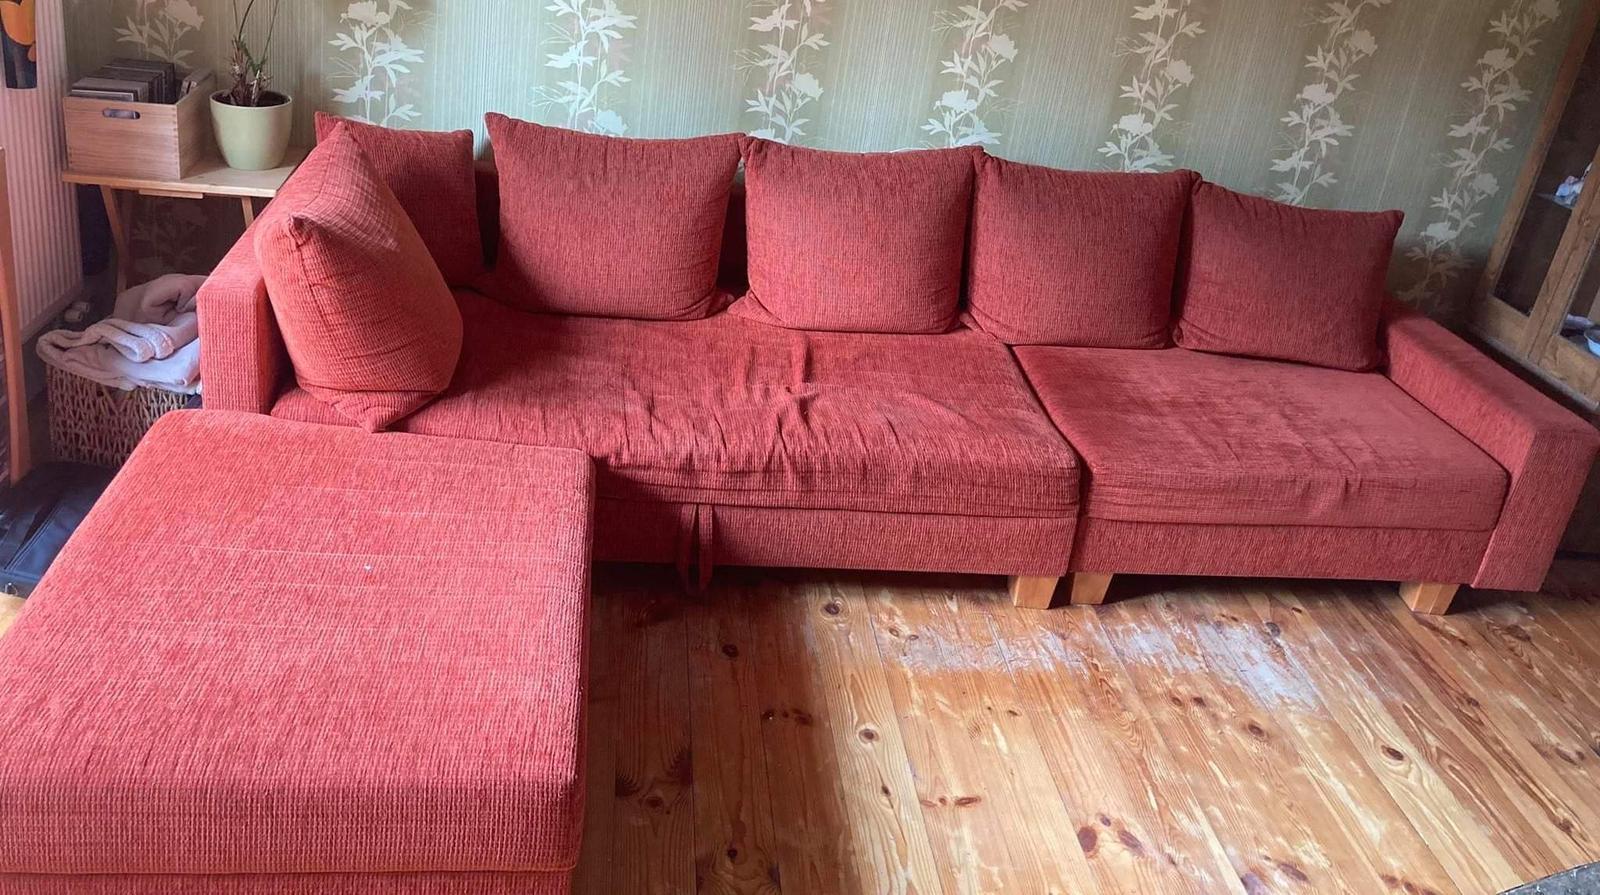 sedačka s úložným priestorom - osobný odber Sokoľ - Obrázok č. 1